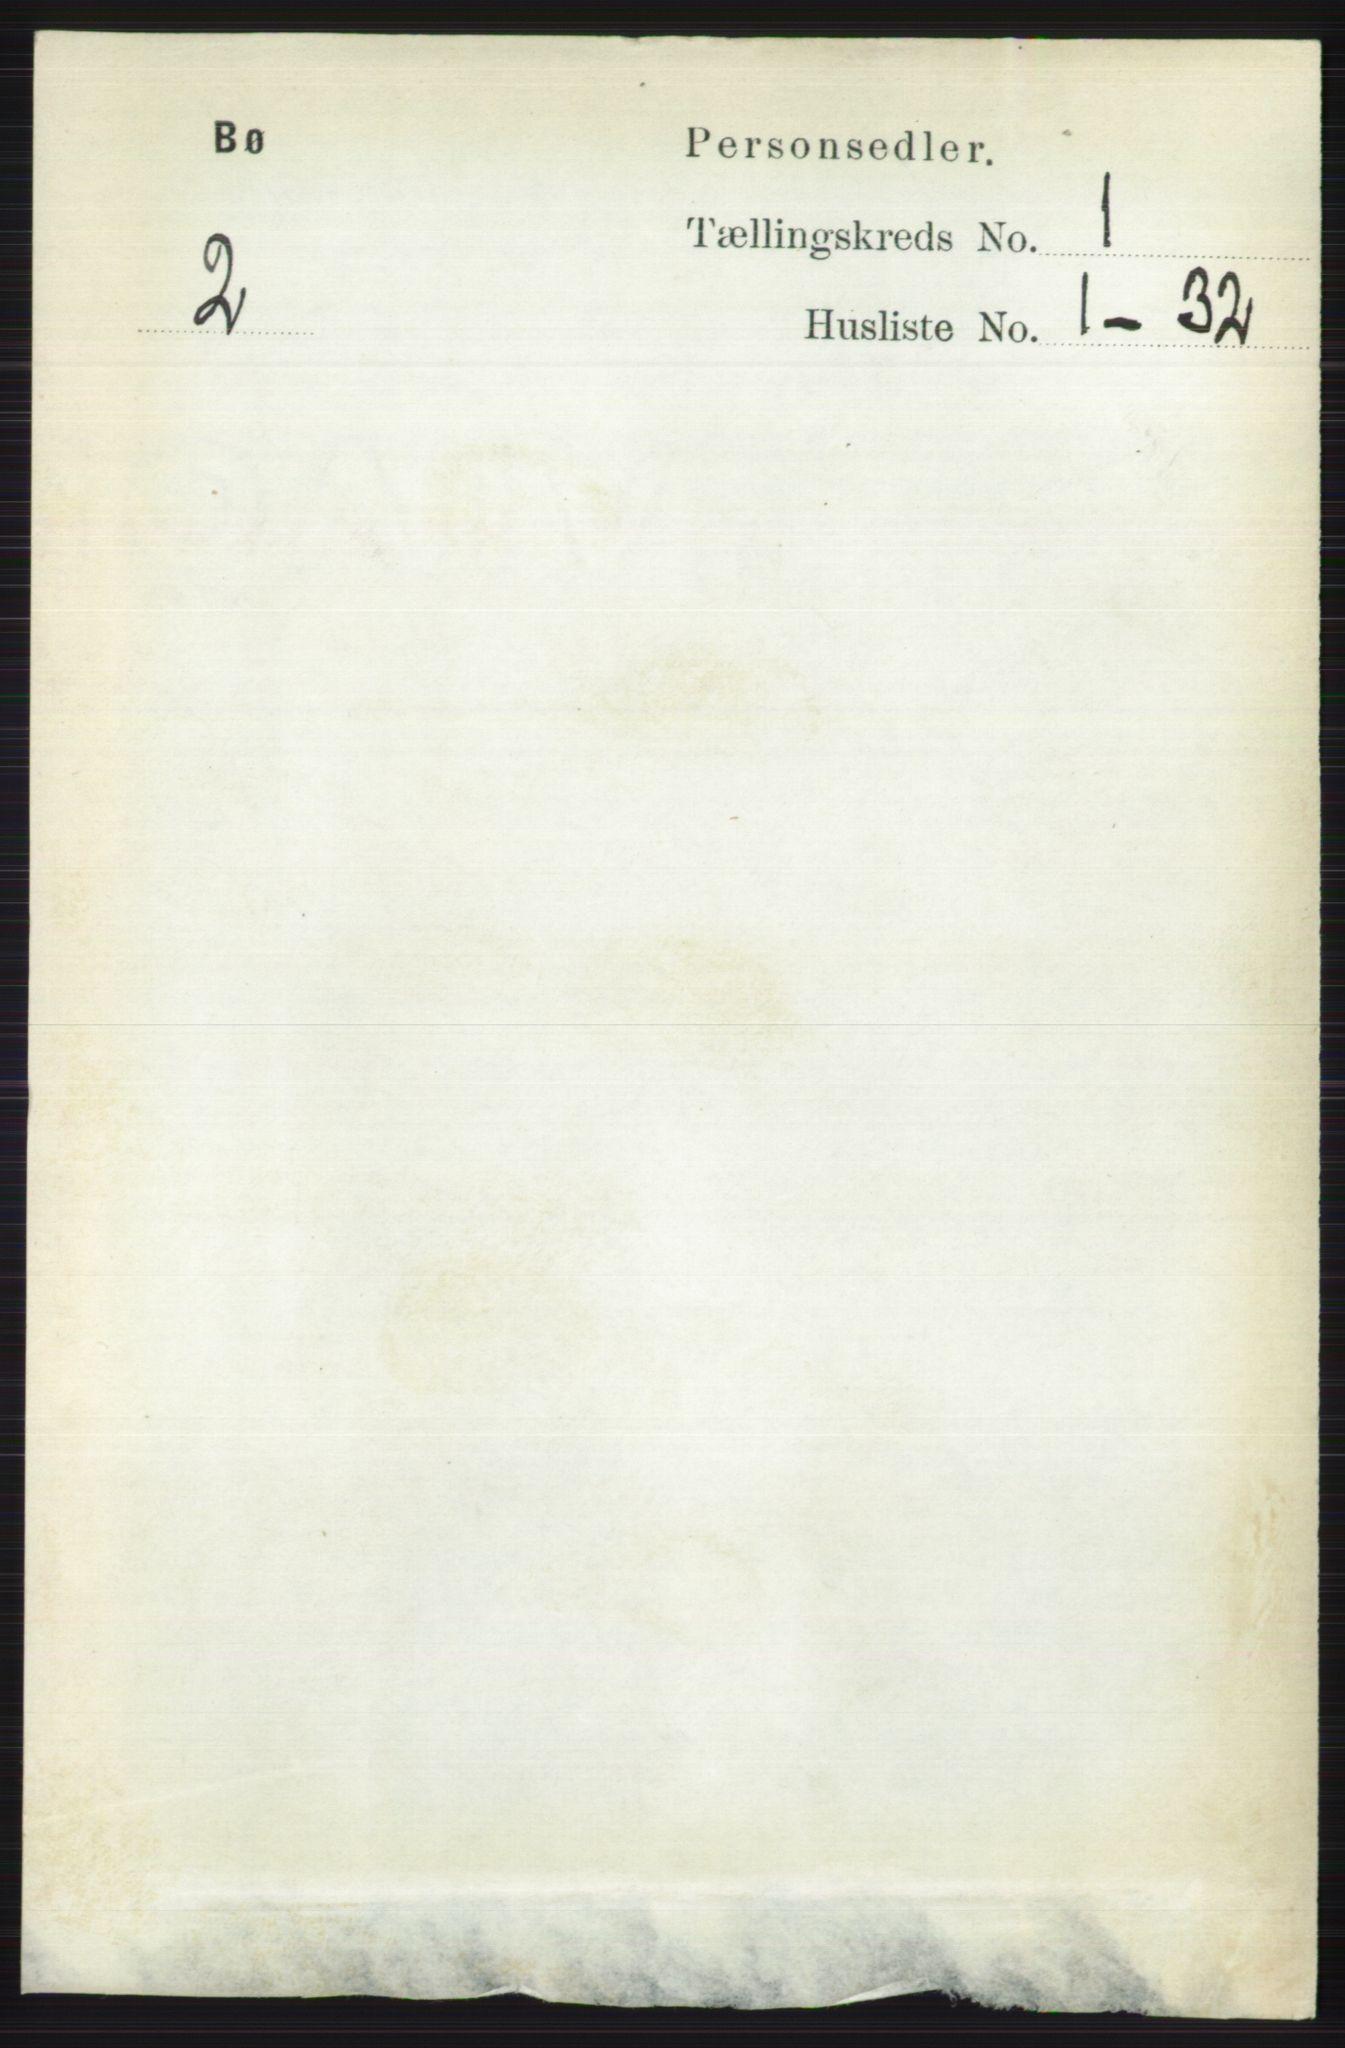 RA, Folketelling 1891 for 0821 Bø herred, 1891, s. 121